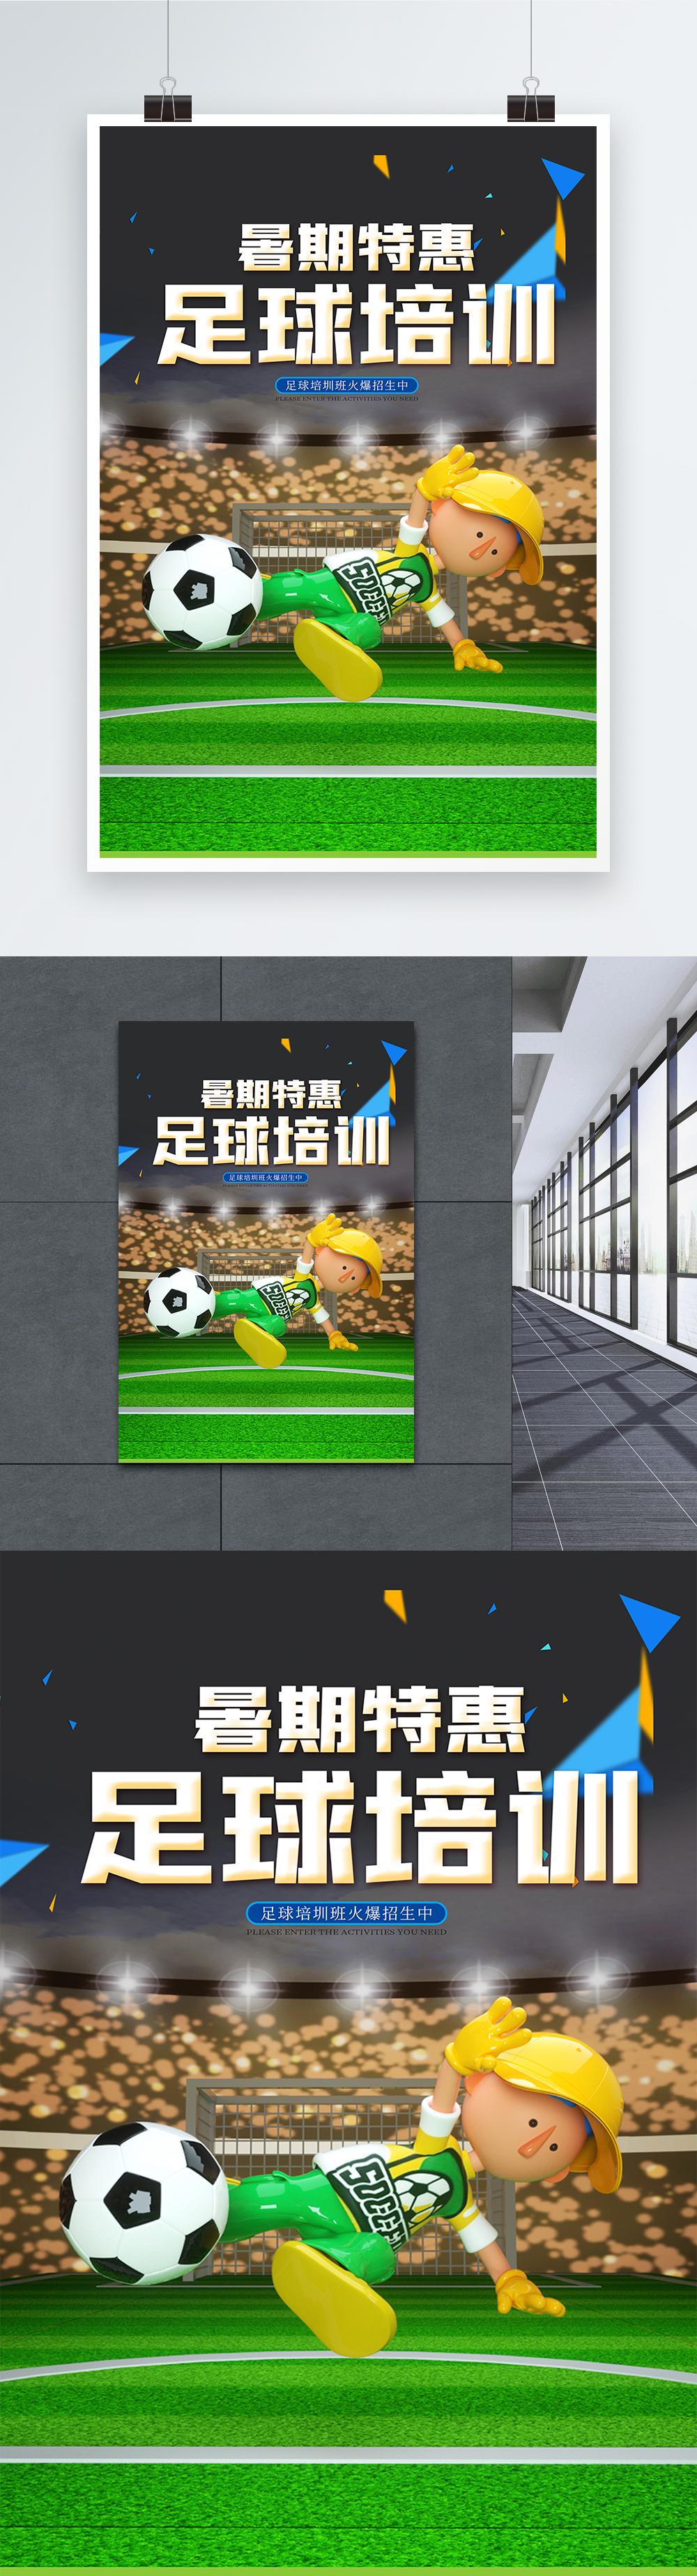 少儿足球培训海报图片素材_免费下载_psd图片格式_vrf